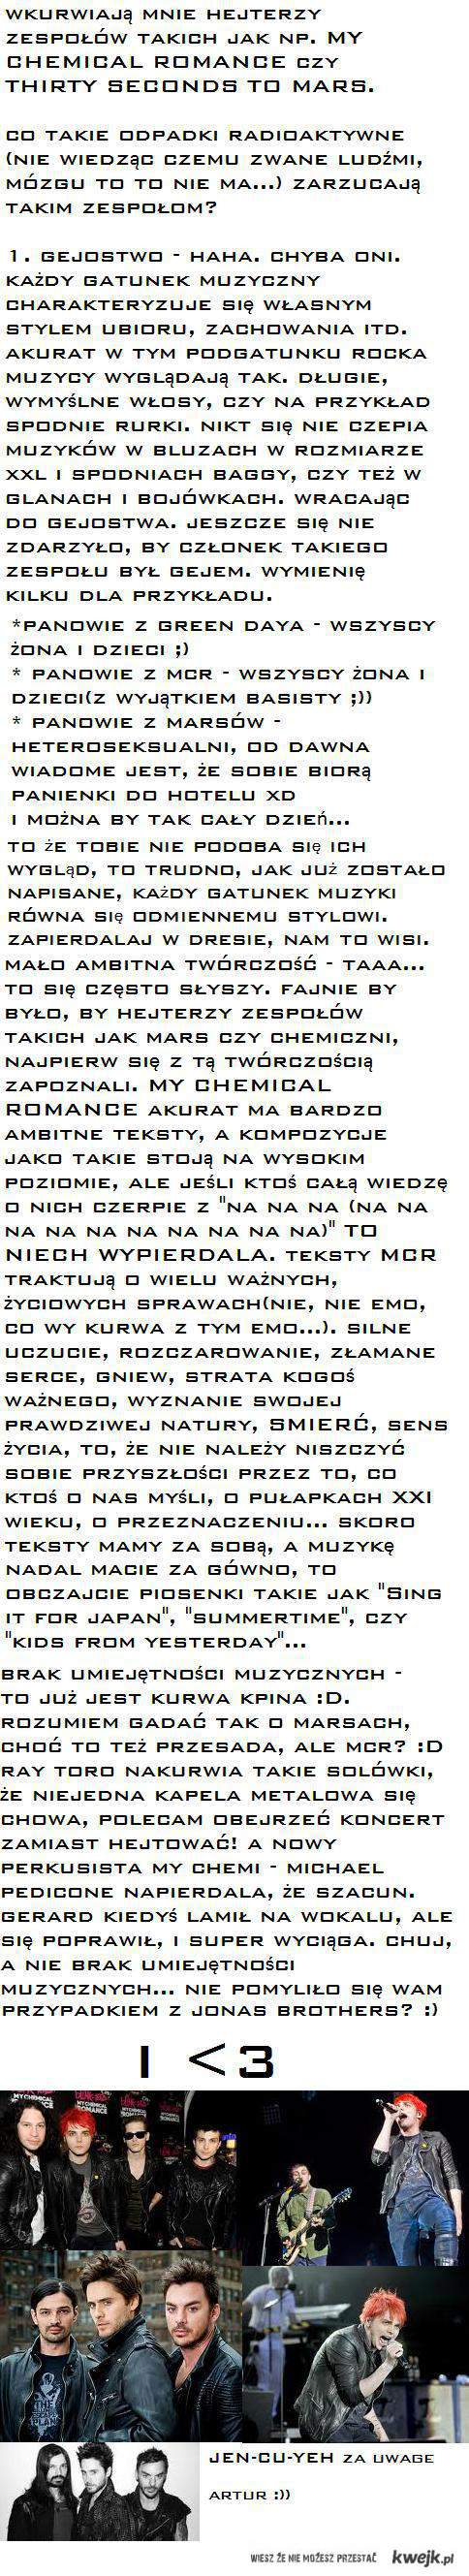 Potęga chemii